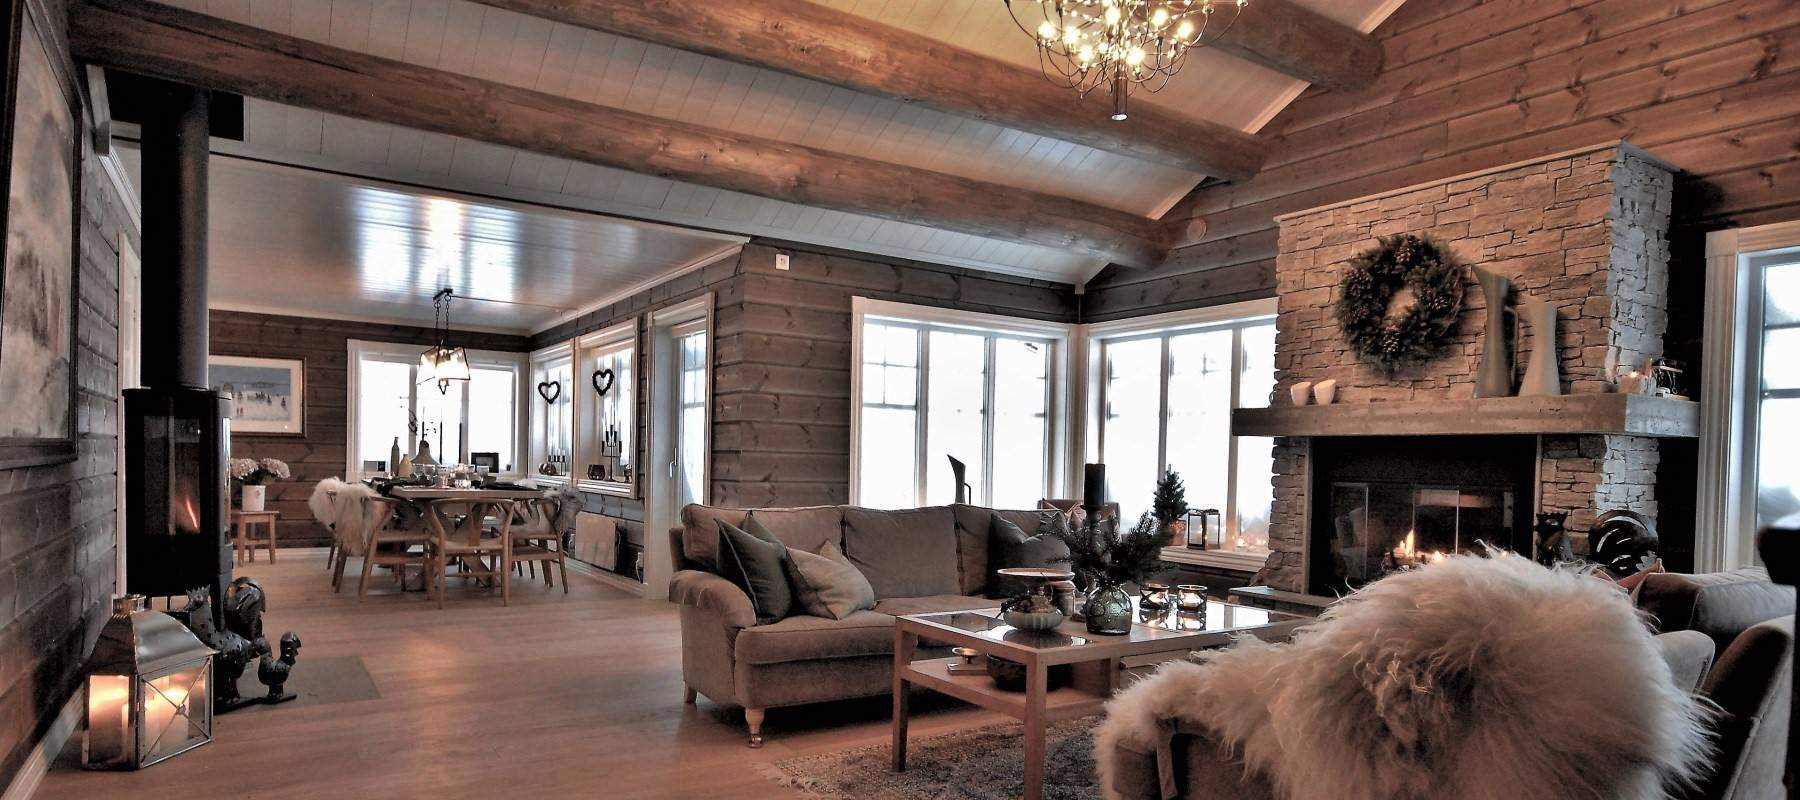 82 Hytteleverandor – Tiurtoppen Hytter Inspirasjon hytte pa Gålå